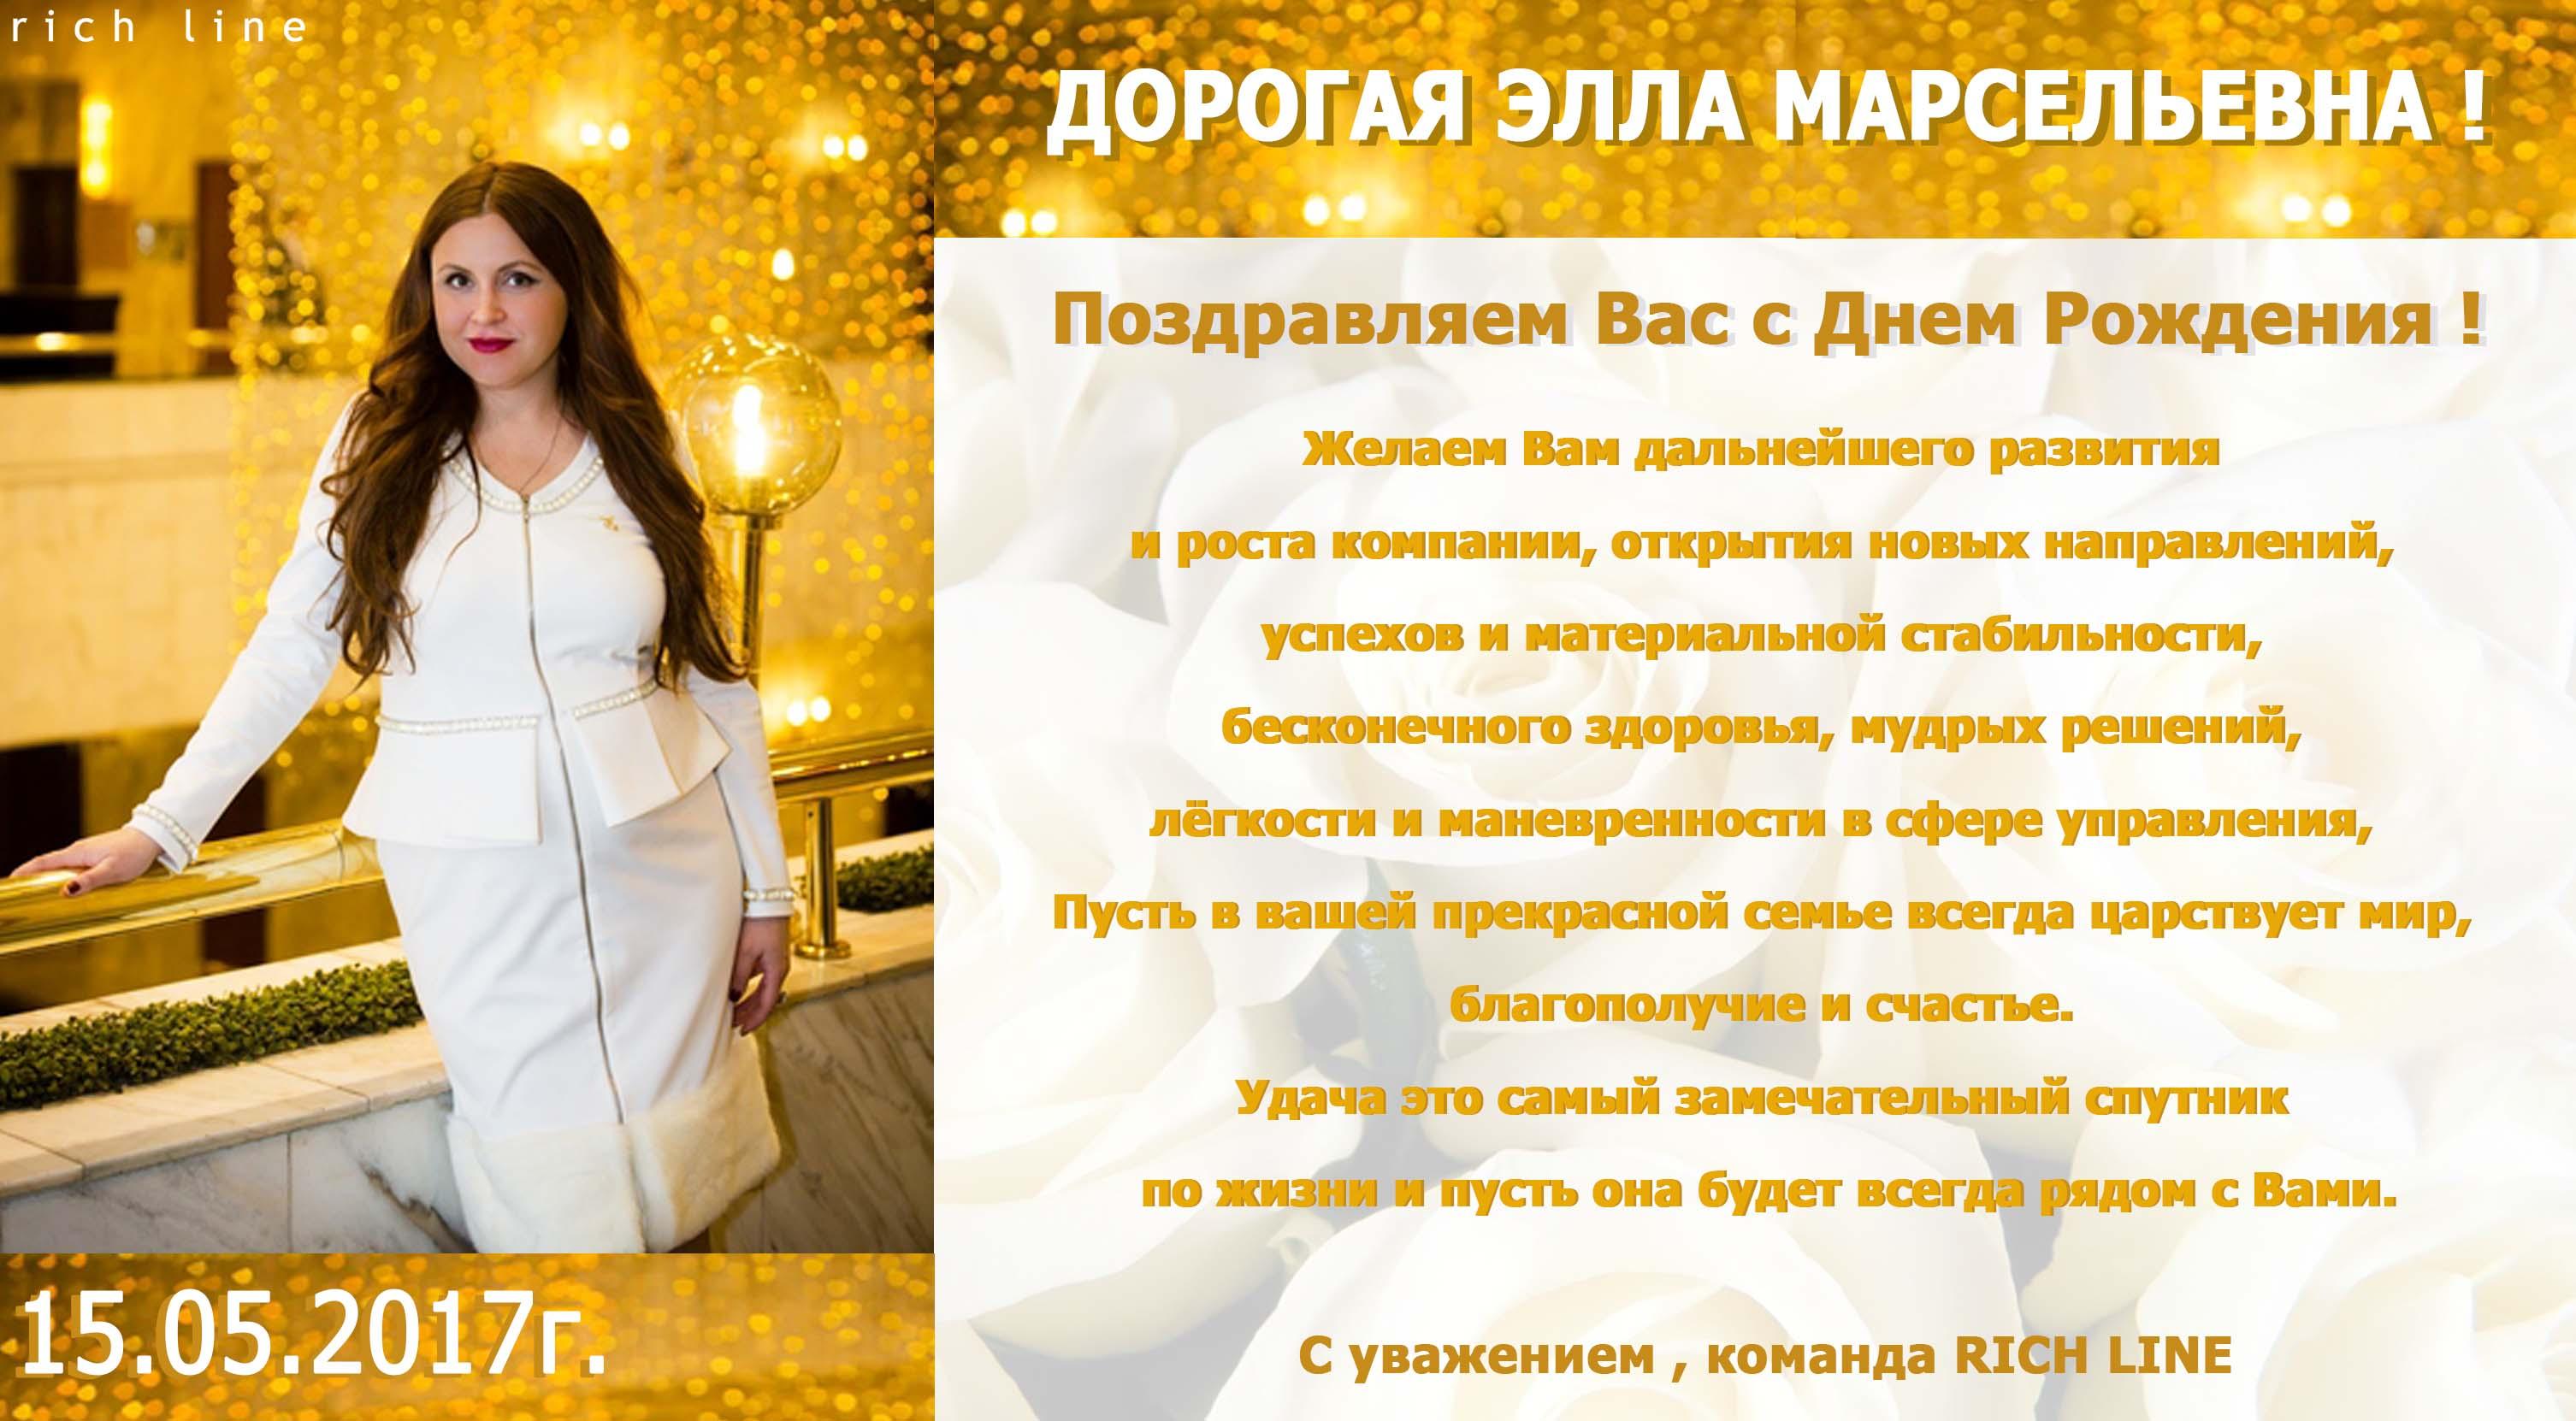 Поздравление акционера с днем рождения 33